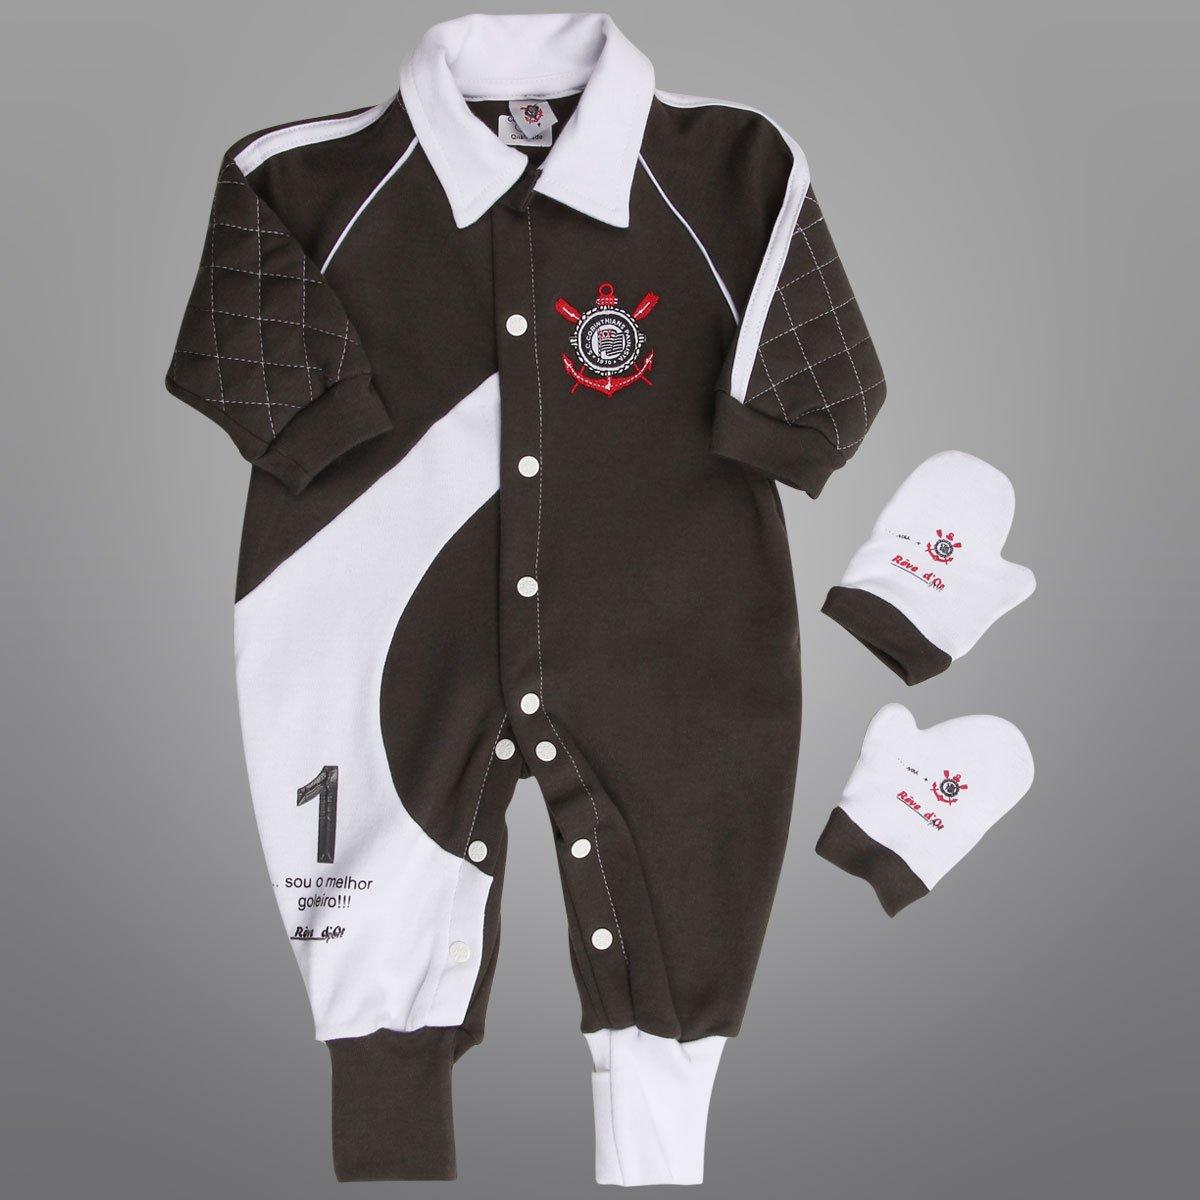 517ecdbf5d205 Macacão Corinthians Infantil Goleiro - Compre Agora